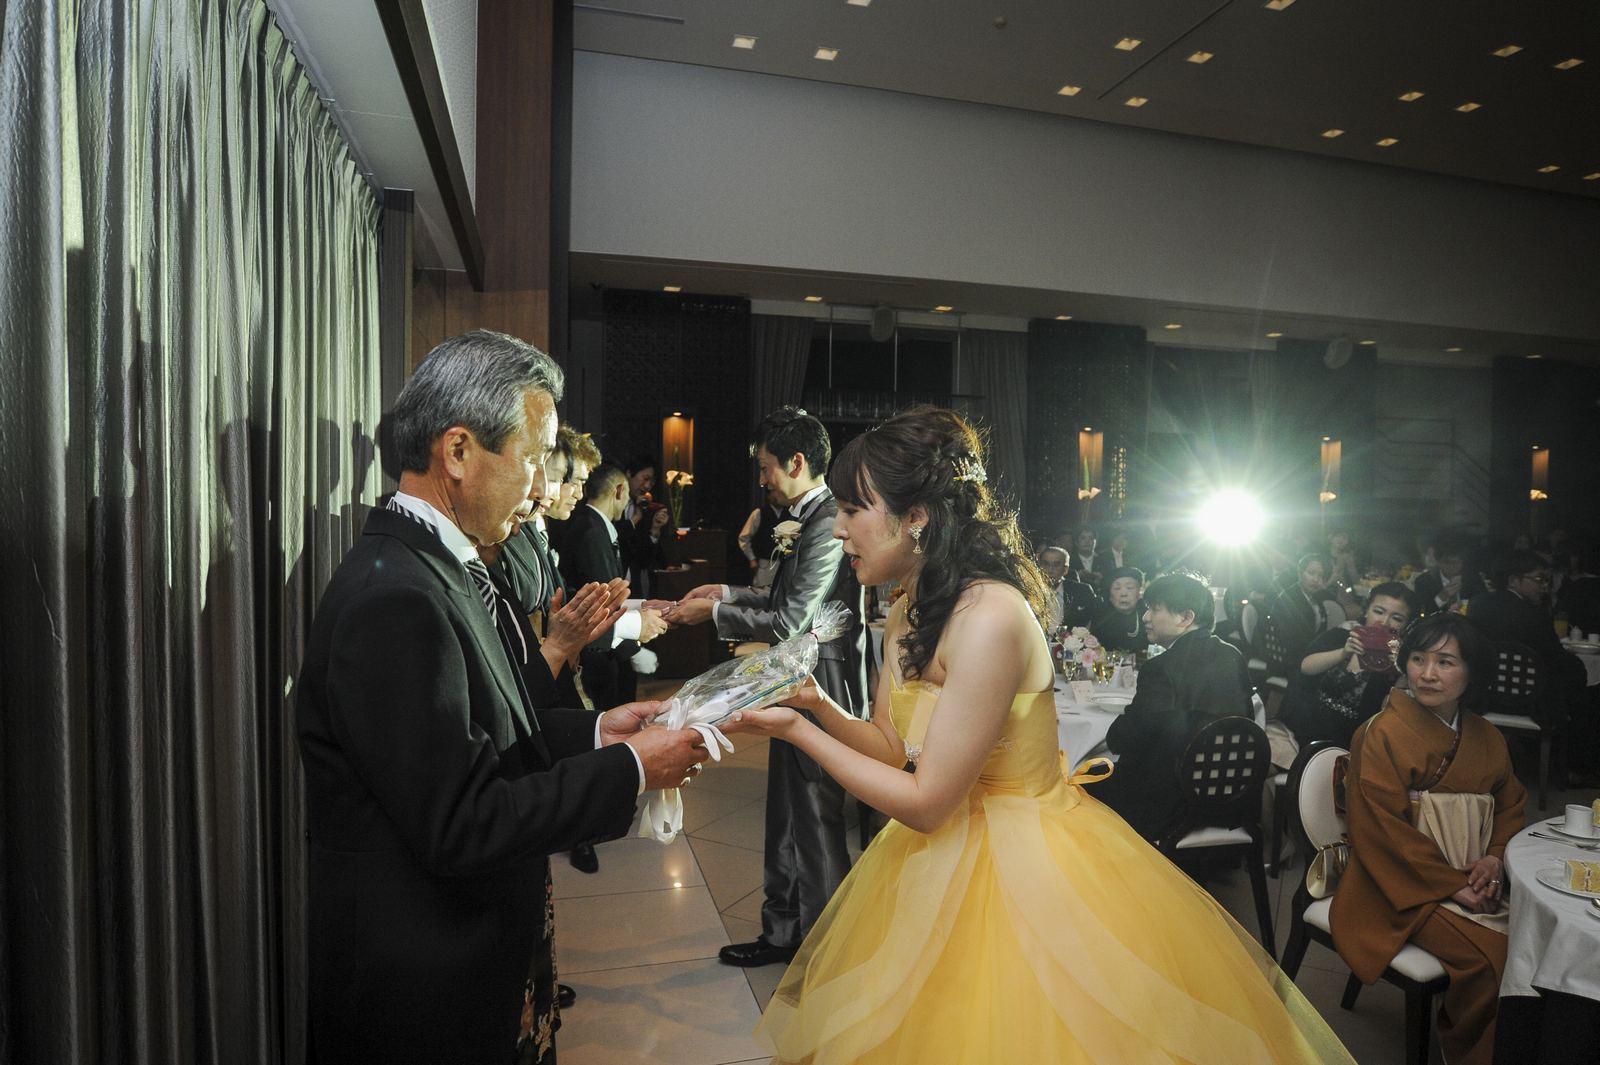 徳島市の結婚式場ブランアンジュで披露宴で新郎新婦様からご両親様への感謝感動のシーン